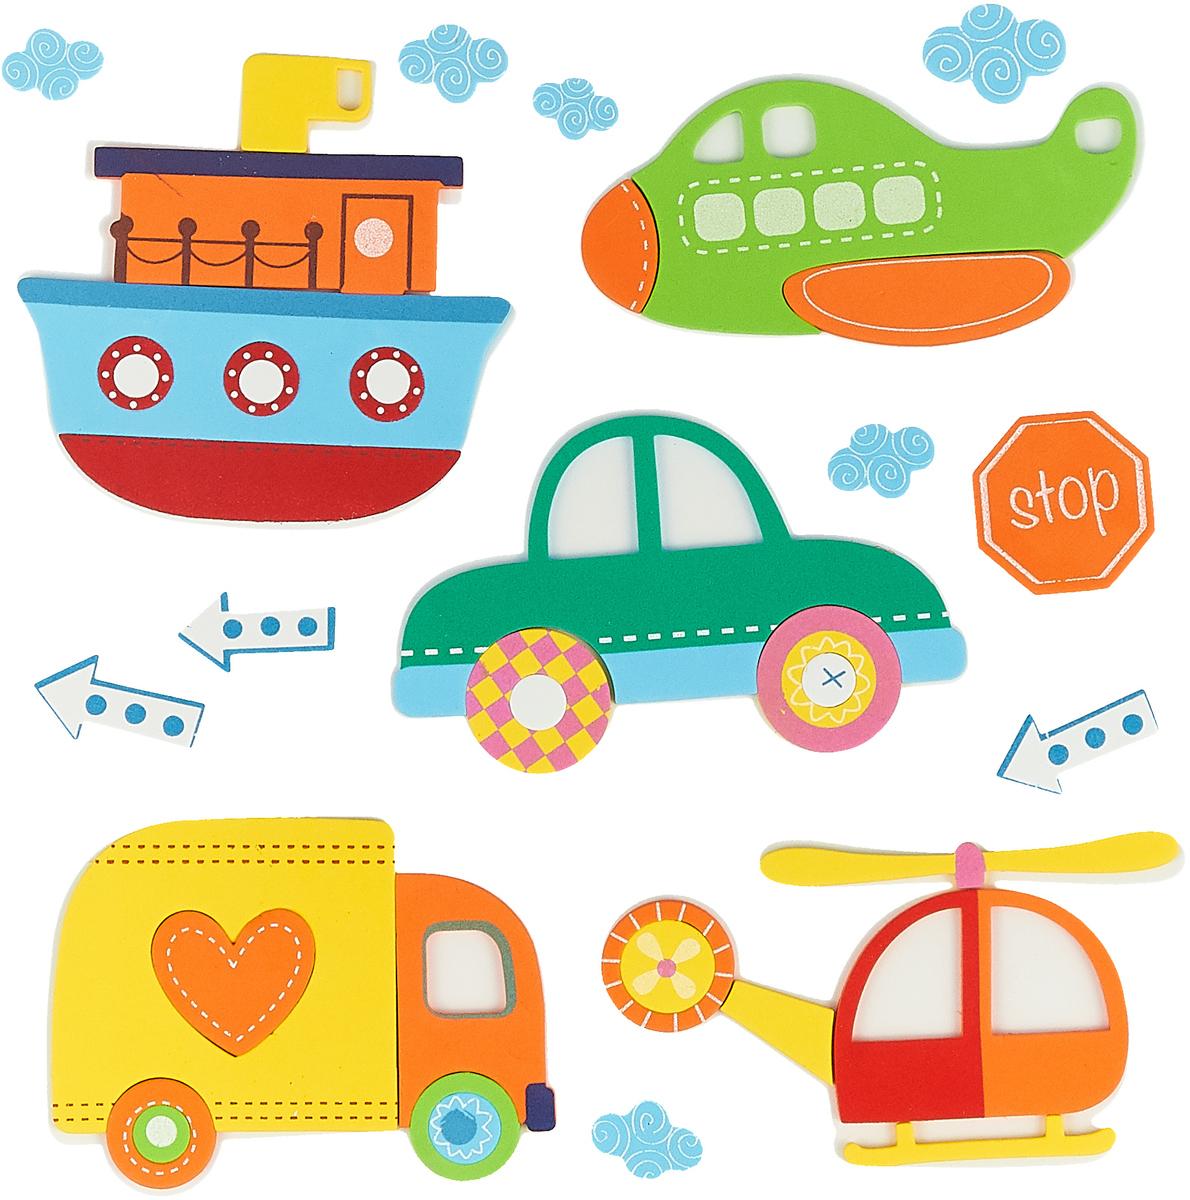 Room Decor Наклейка интерьерная Детские картинки Транспорт1123361_Транспорт2Room Decor Наклейка интерьерная Детские картинки Транспорт